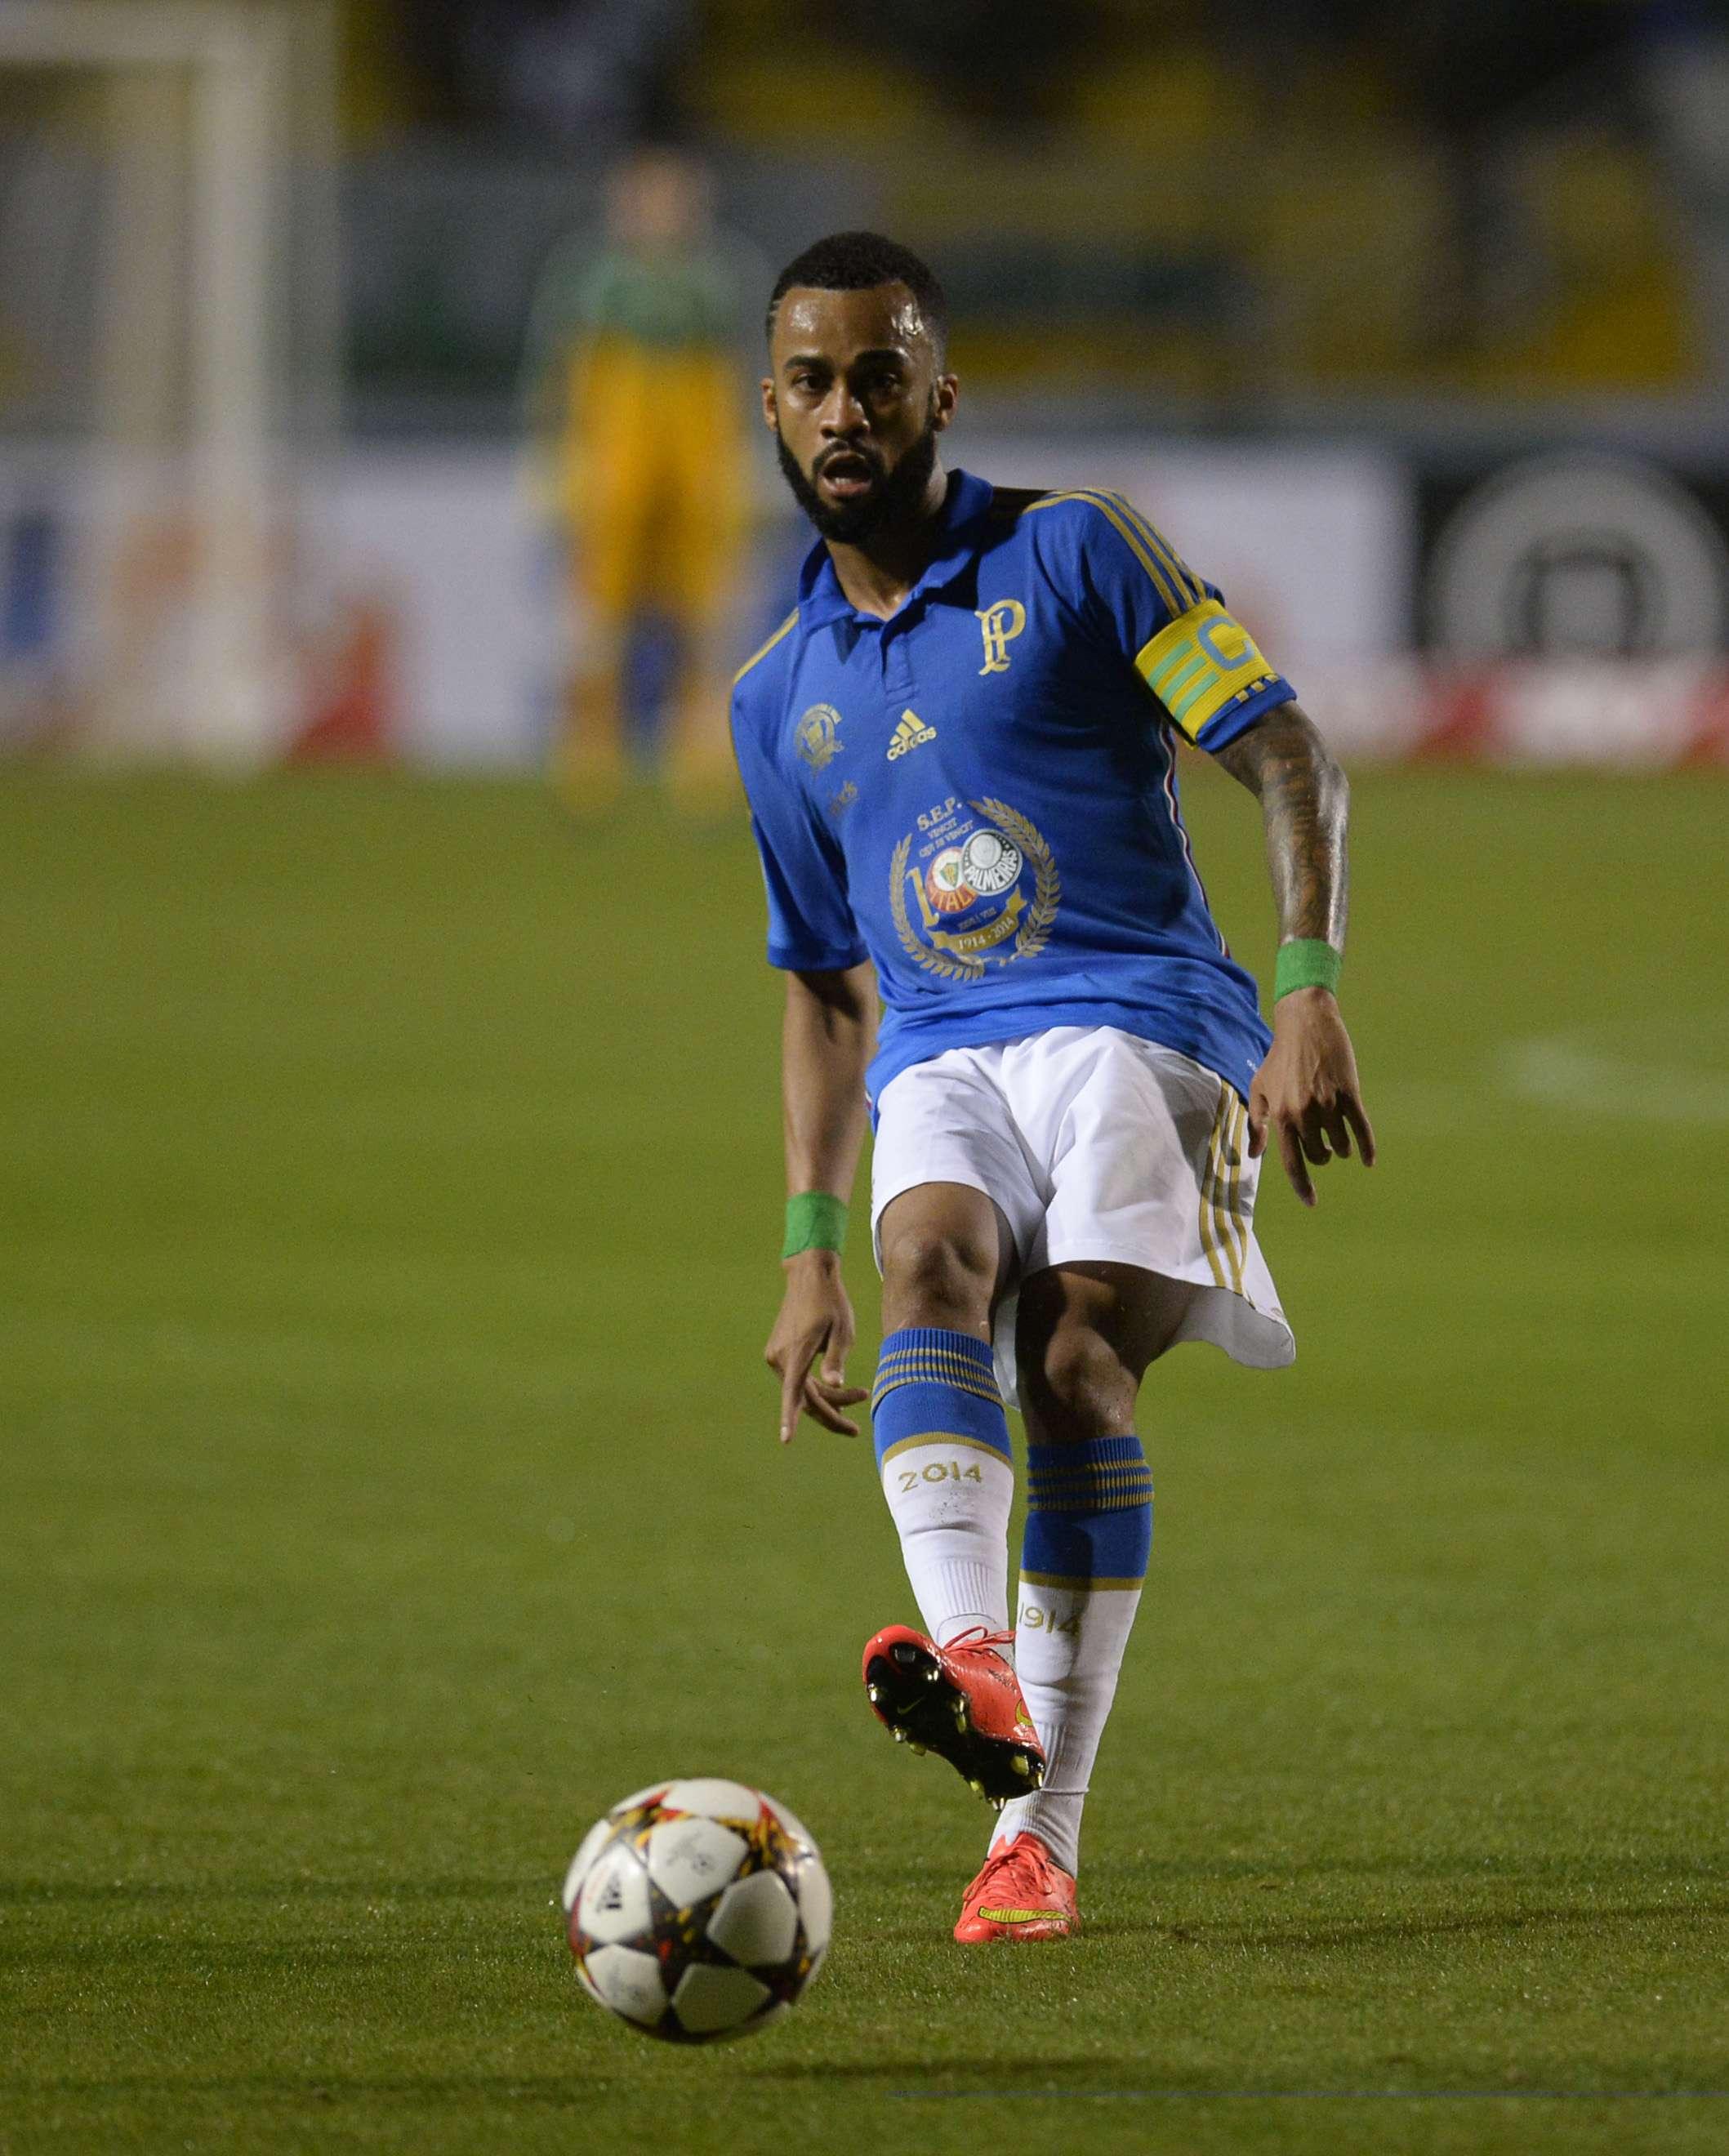 Wesley foi titular e capitão do Palmeiras mais uma vez Foto: Alan Morici/Terra